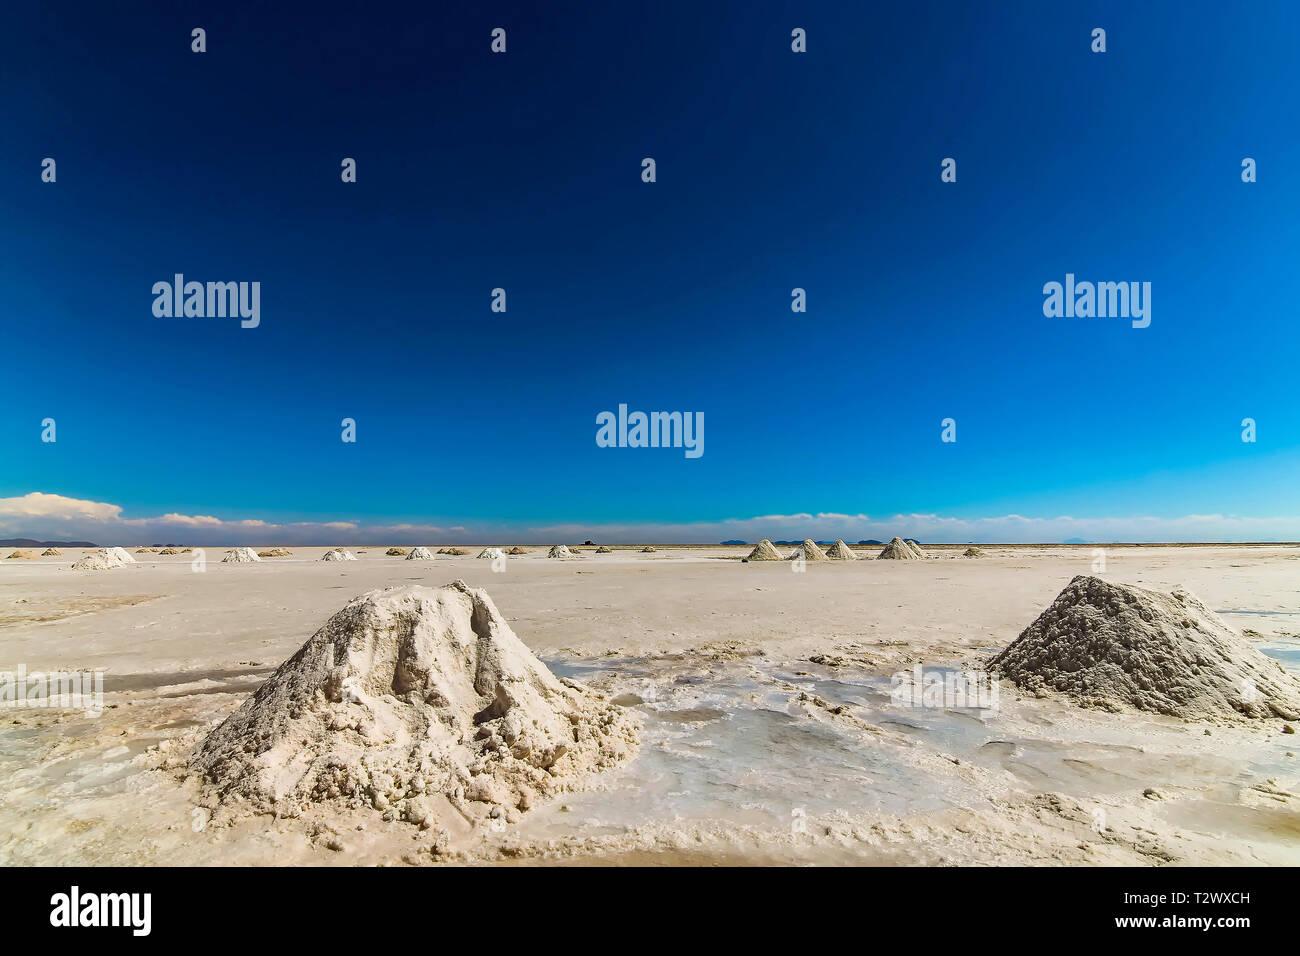 Formación de montañas de sal en el Salar de Uyuni, Bolivia Imagen De Stock